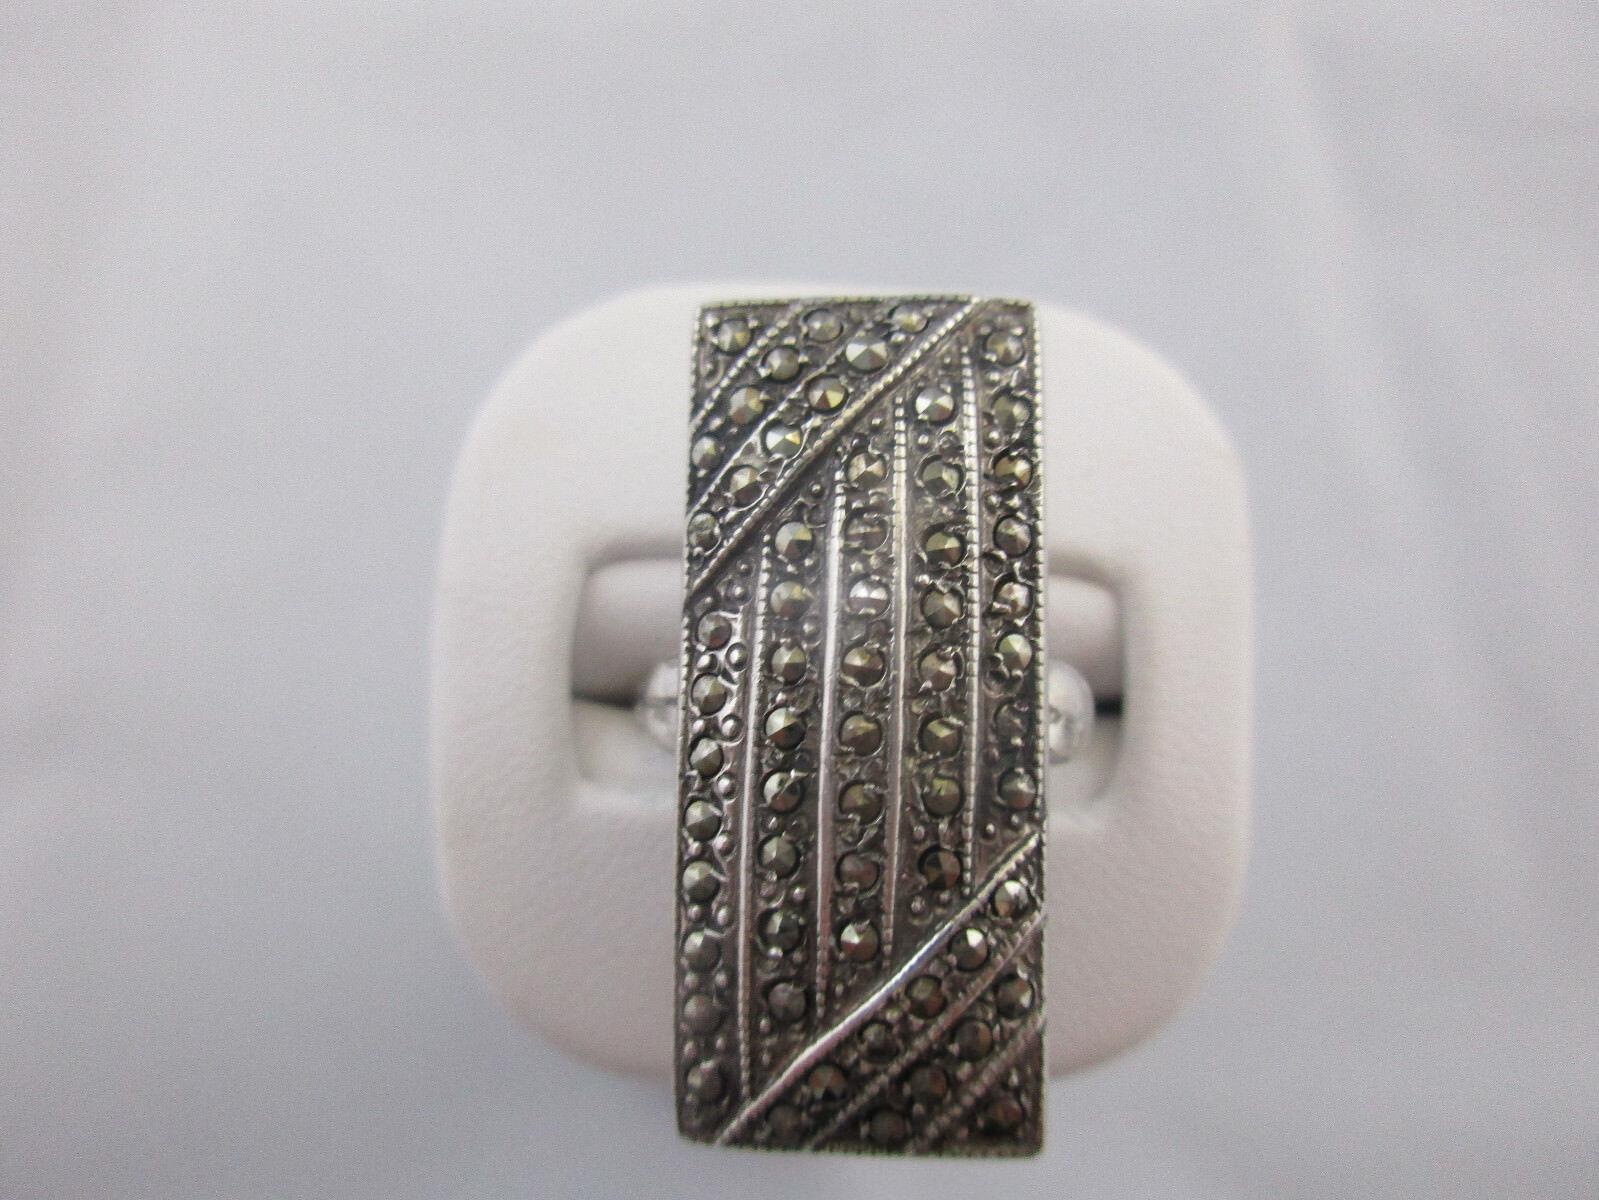 Vtg Estate Sterling Silver Marcasite Ring Art Deco Statement Signed Theda sz.9